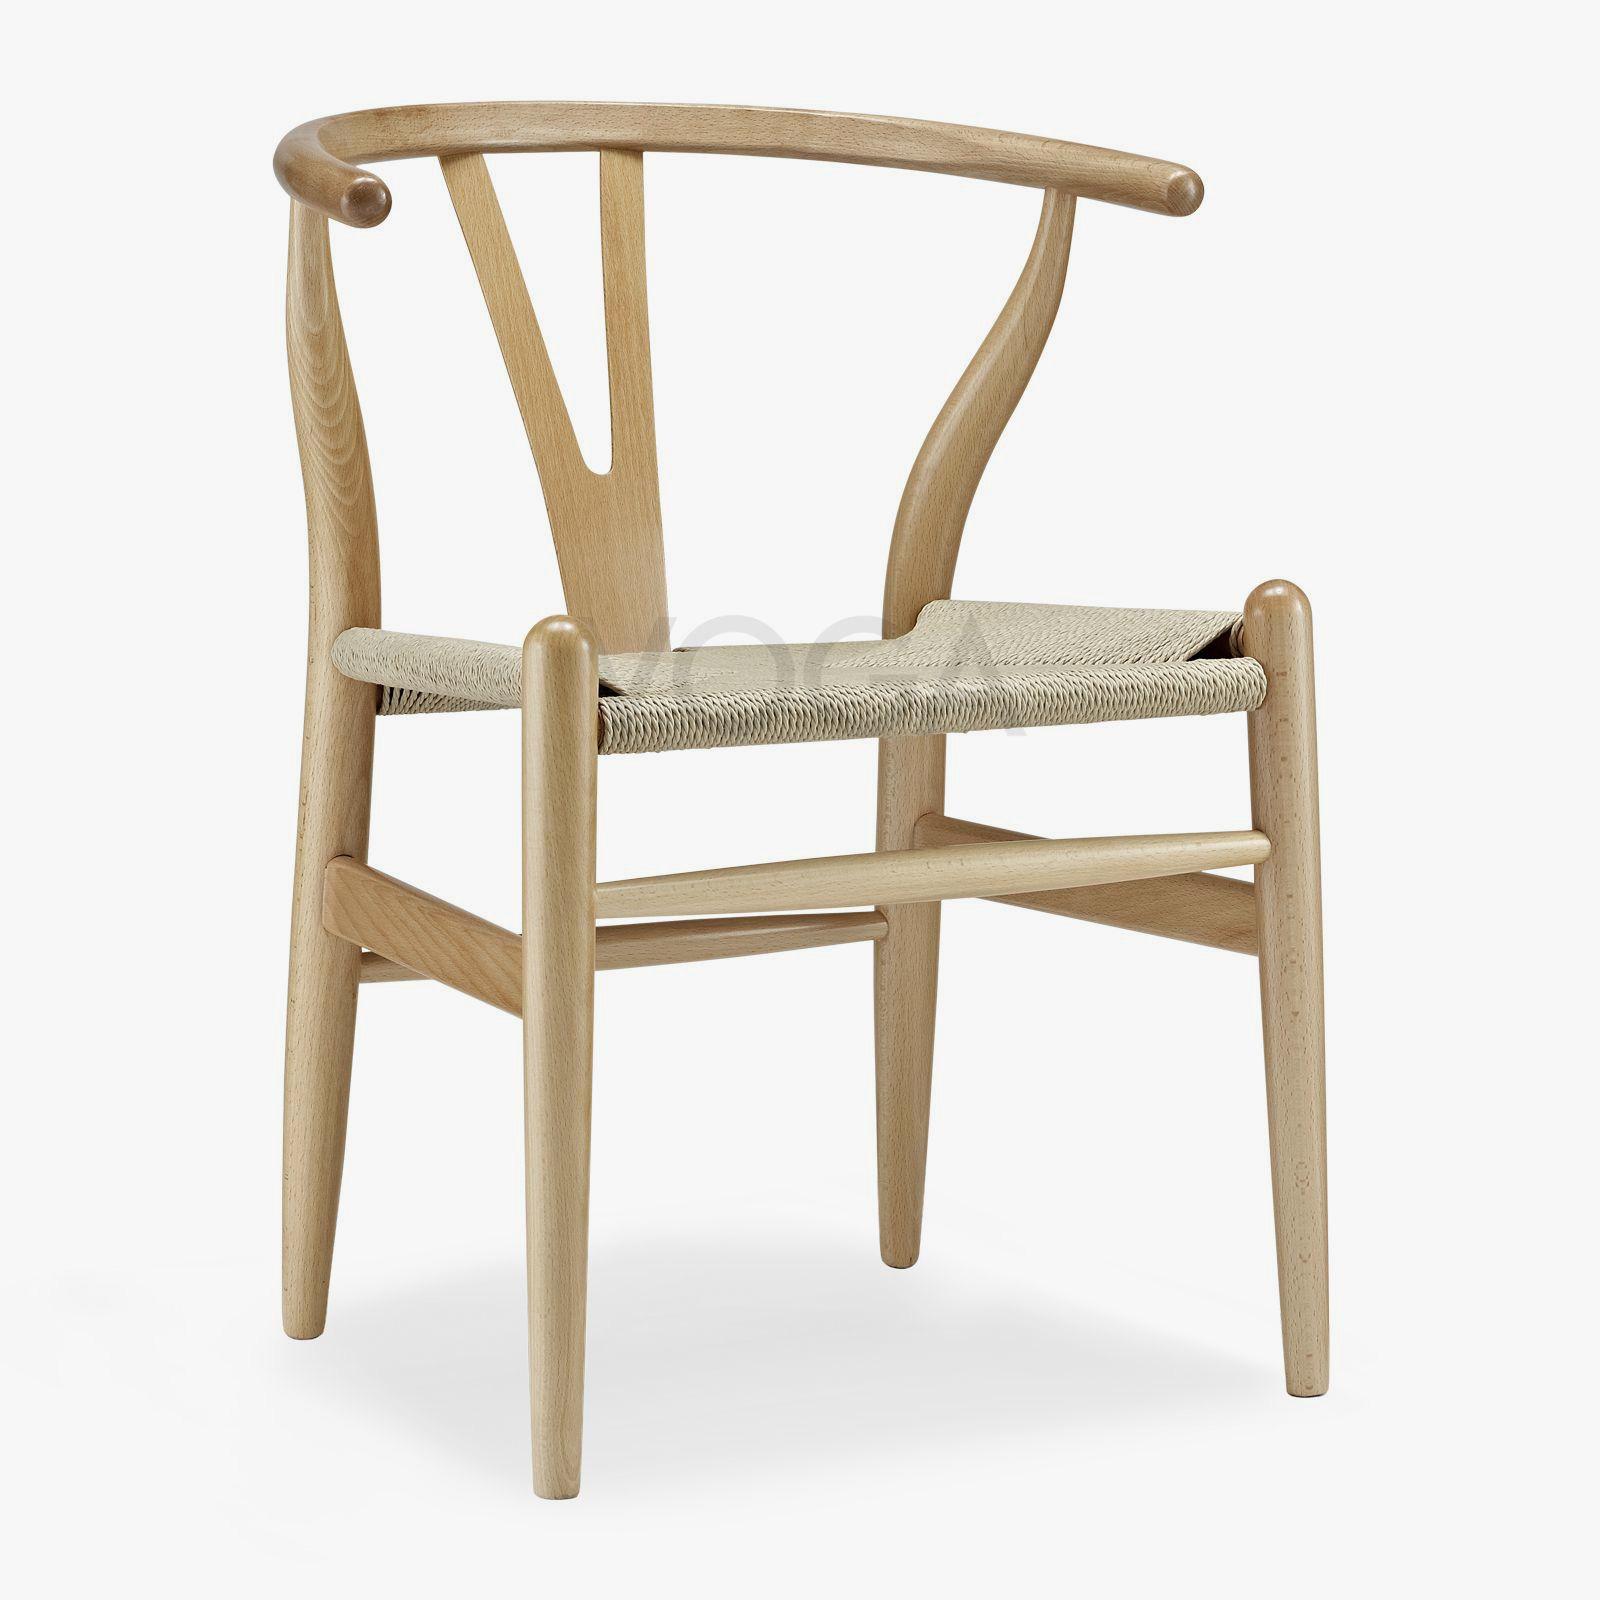 design stoler av hans j wegner i original kvalitet kj p y stol hos voga moodboard. Black Bedroom Furniture Sets. Home Design Ideas